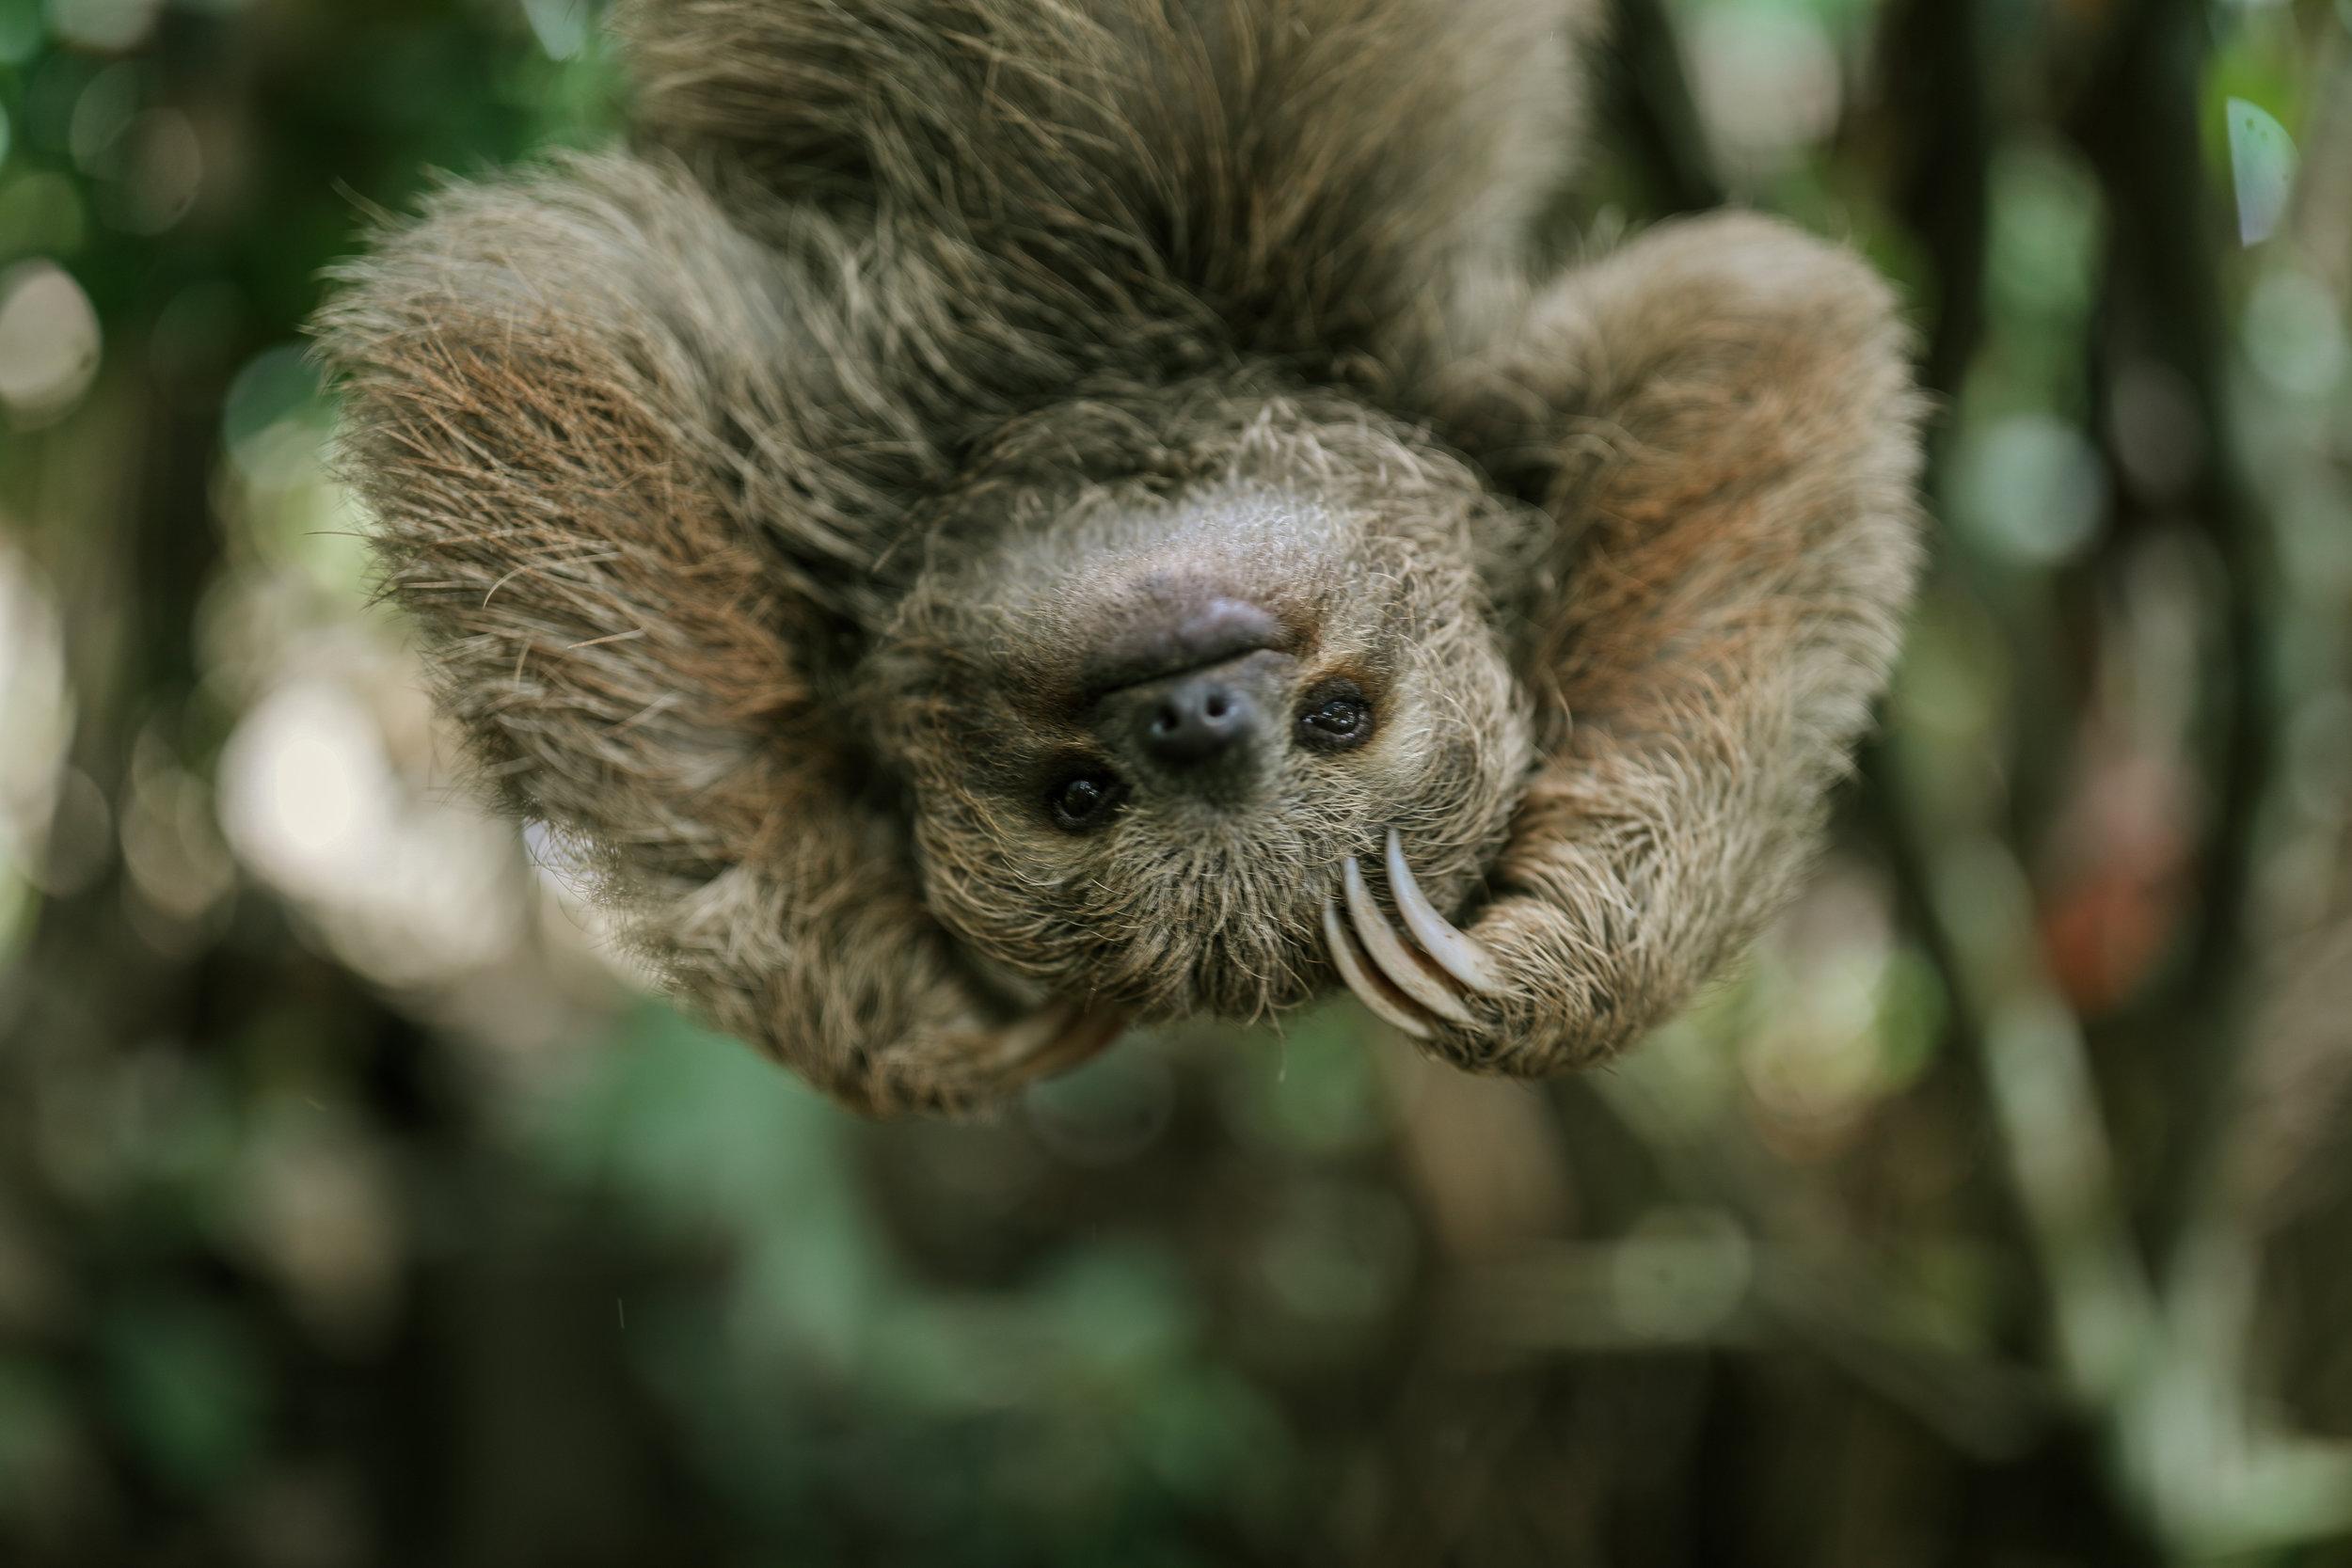 Sloth, Costa Rica, 2018